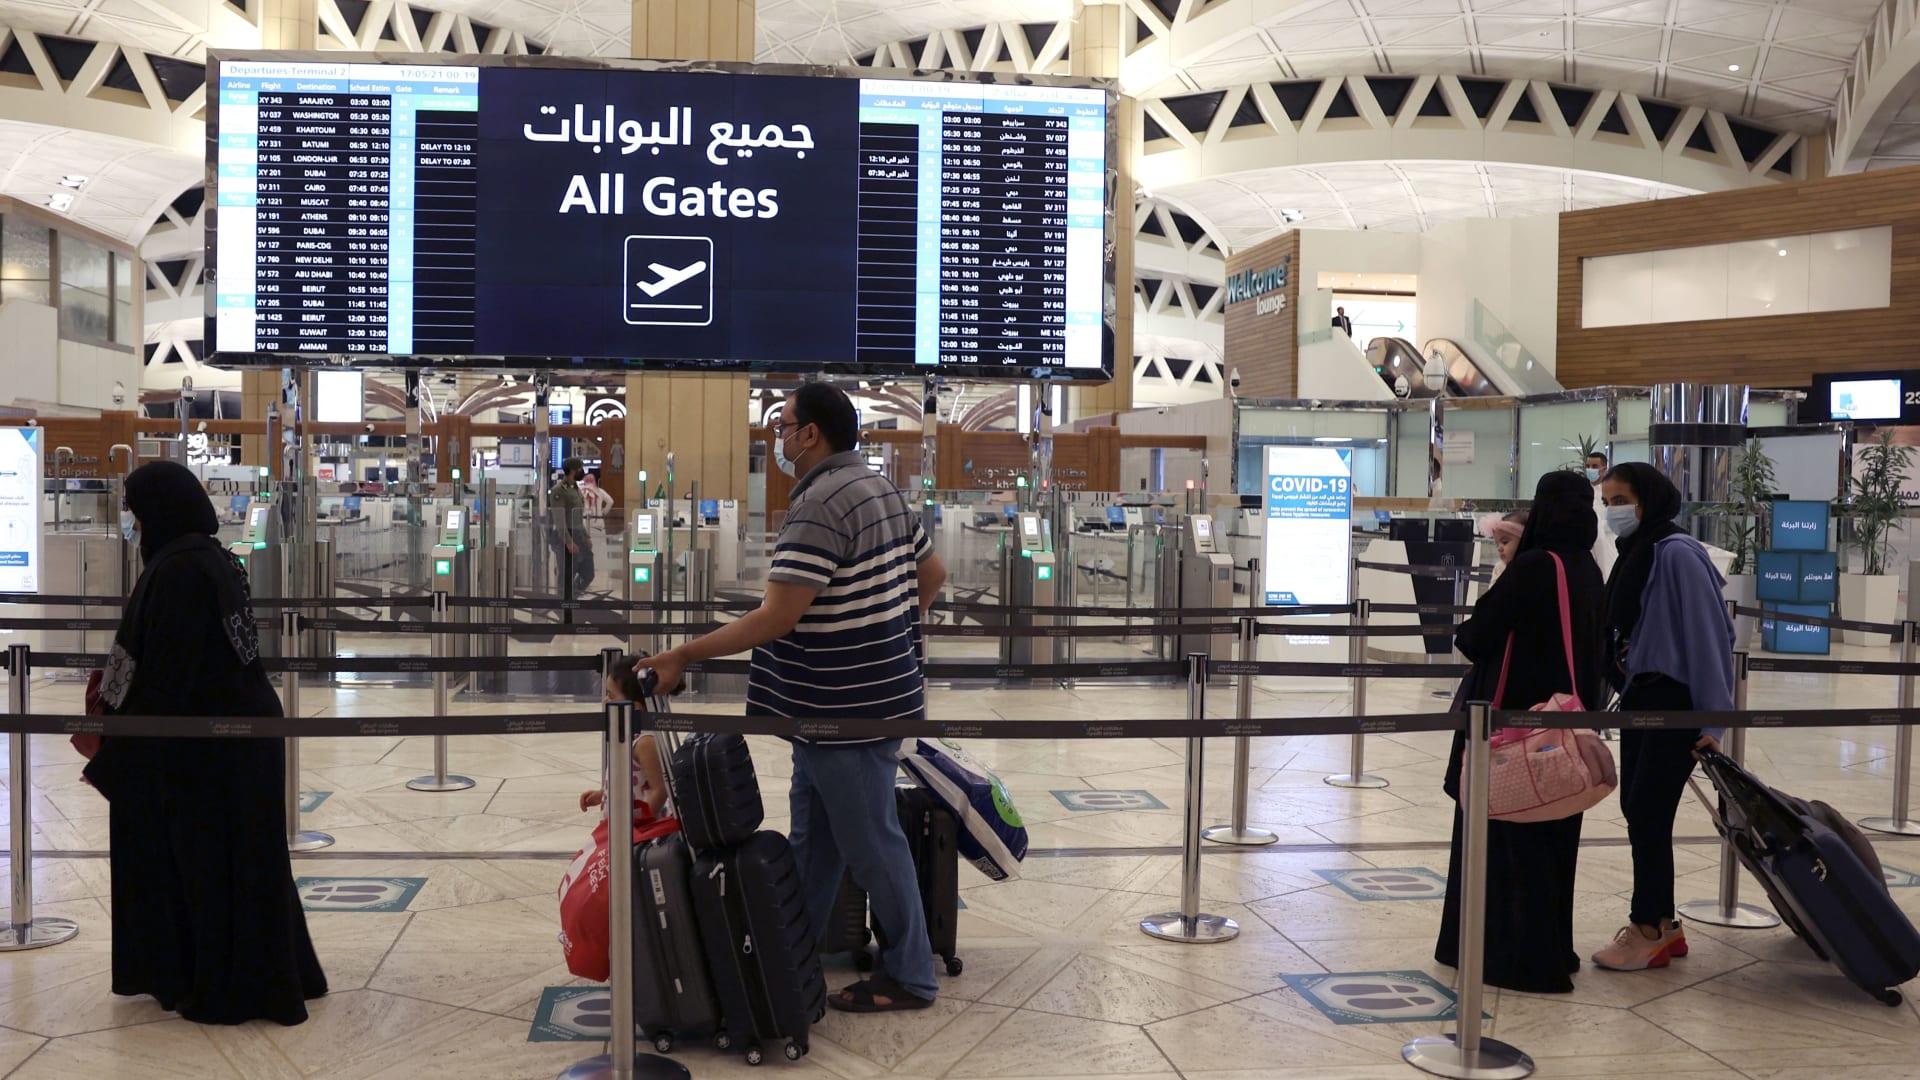 صورة أرشيفية من مطار الملك خالد في السعودية